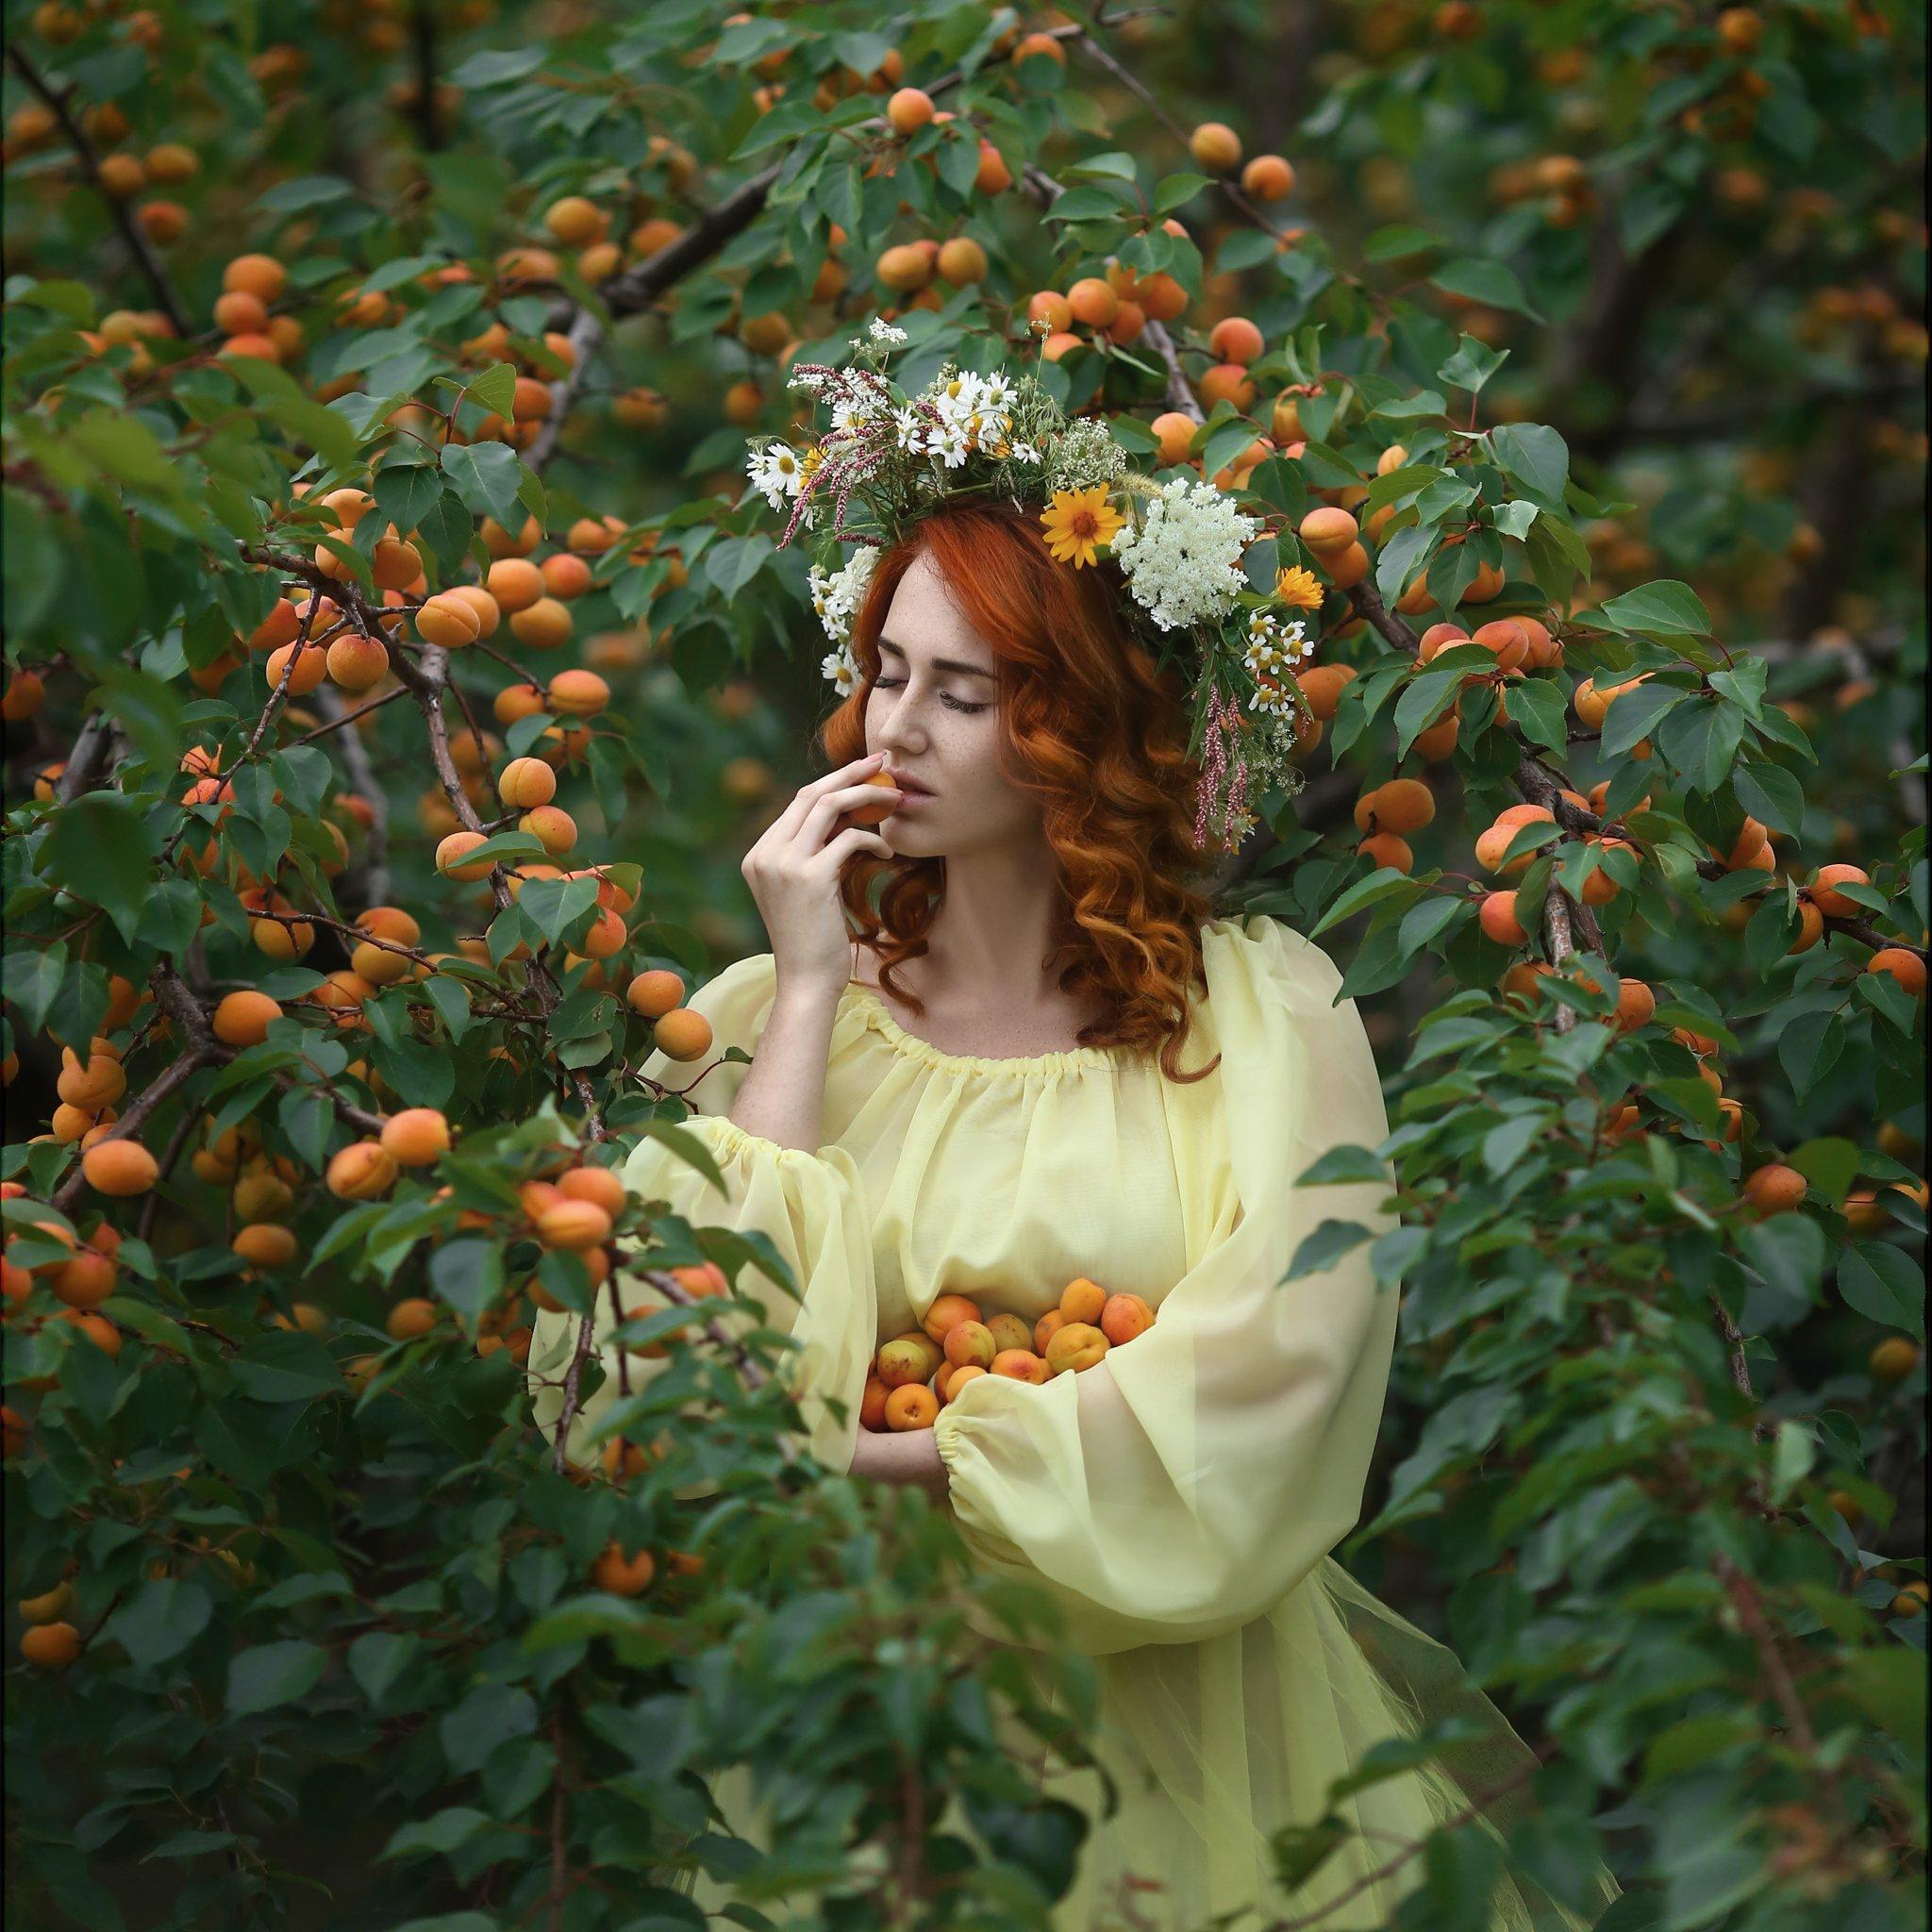 Apricots, абрикосы, желтое платье, рыжие волосы, девушка в венке, сборщица абрикос, рыжие локоны, абрикосы на ветке, Голубятникова Ирина